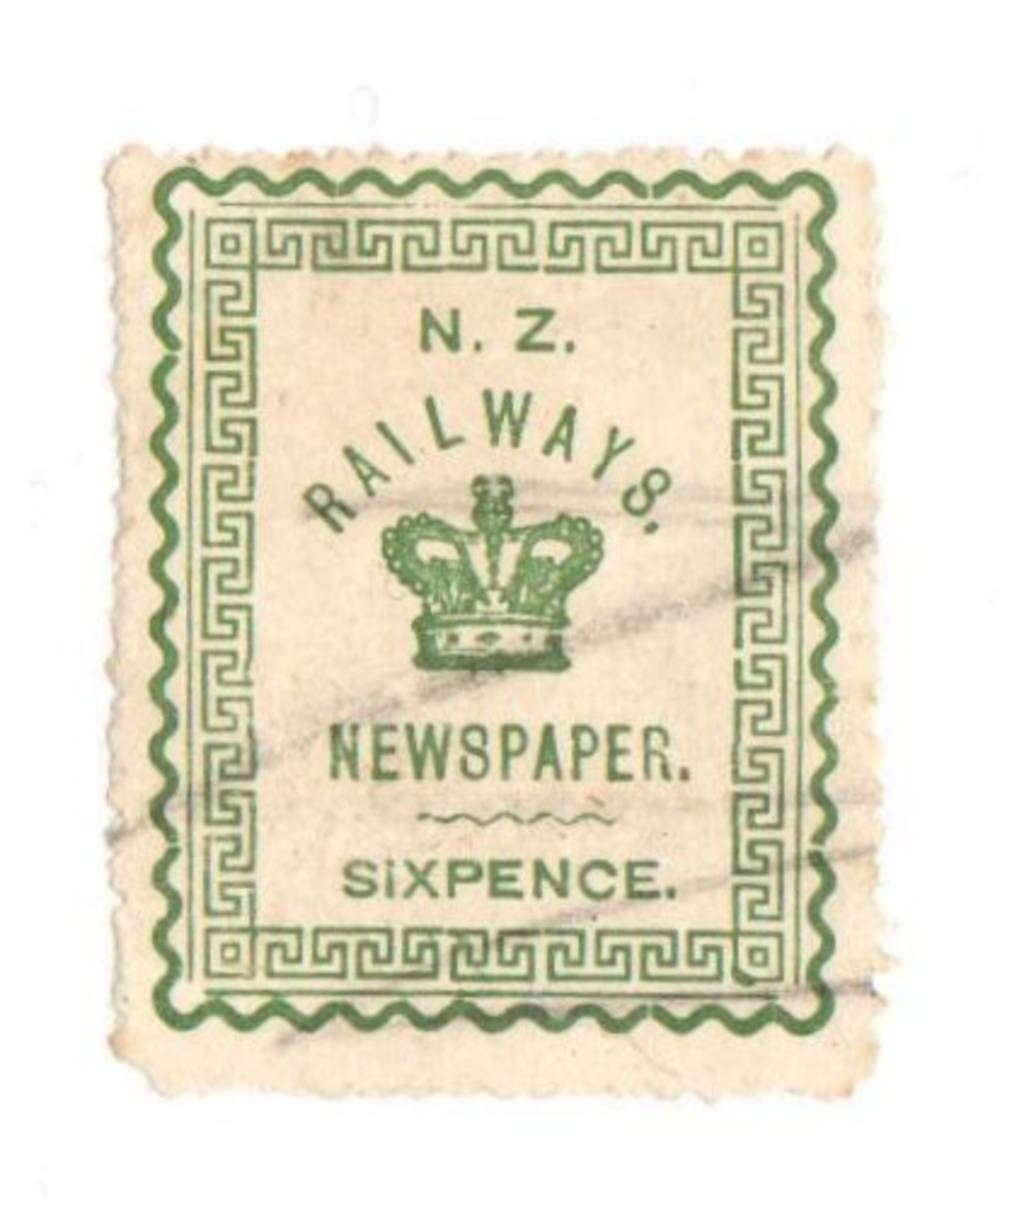 NEW ZEALAND 1890 Fiscal Railways Newspaper 6d Green. Very light cancel. - 74645 - Fiscal - NZ Fiscals Railway Charges - New Zealand Stamps - NEW ZEALAND - EASTAMPS